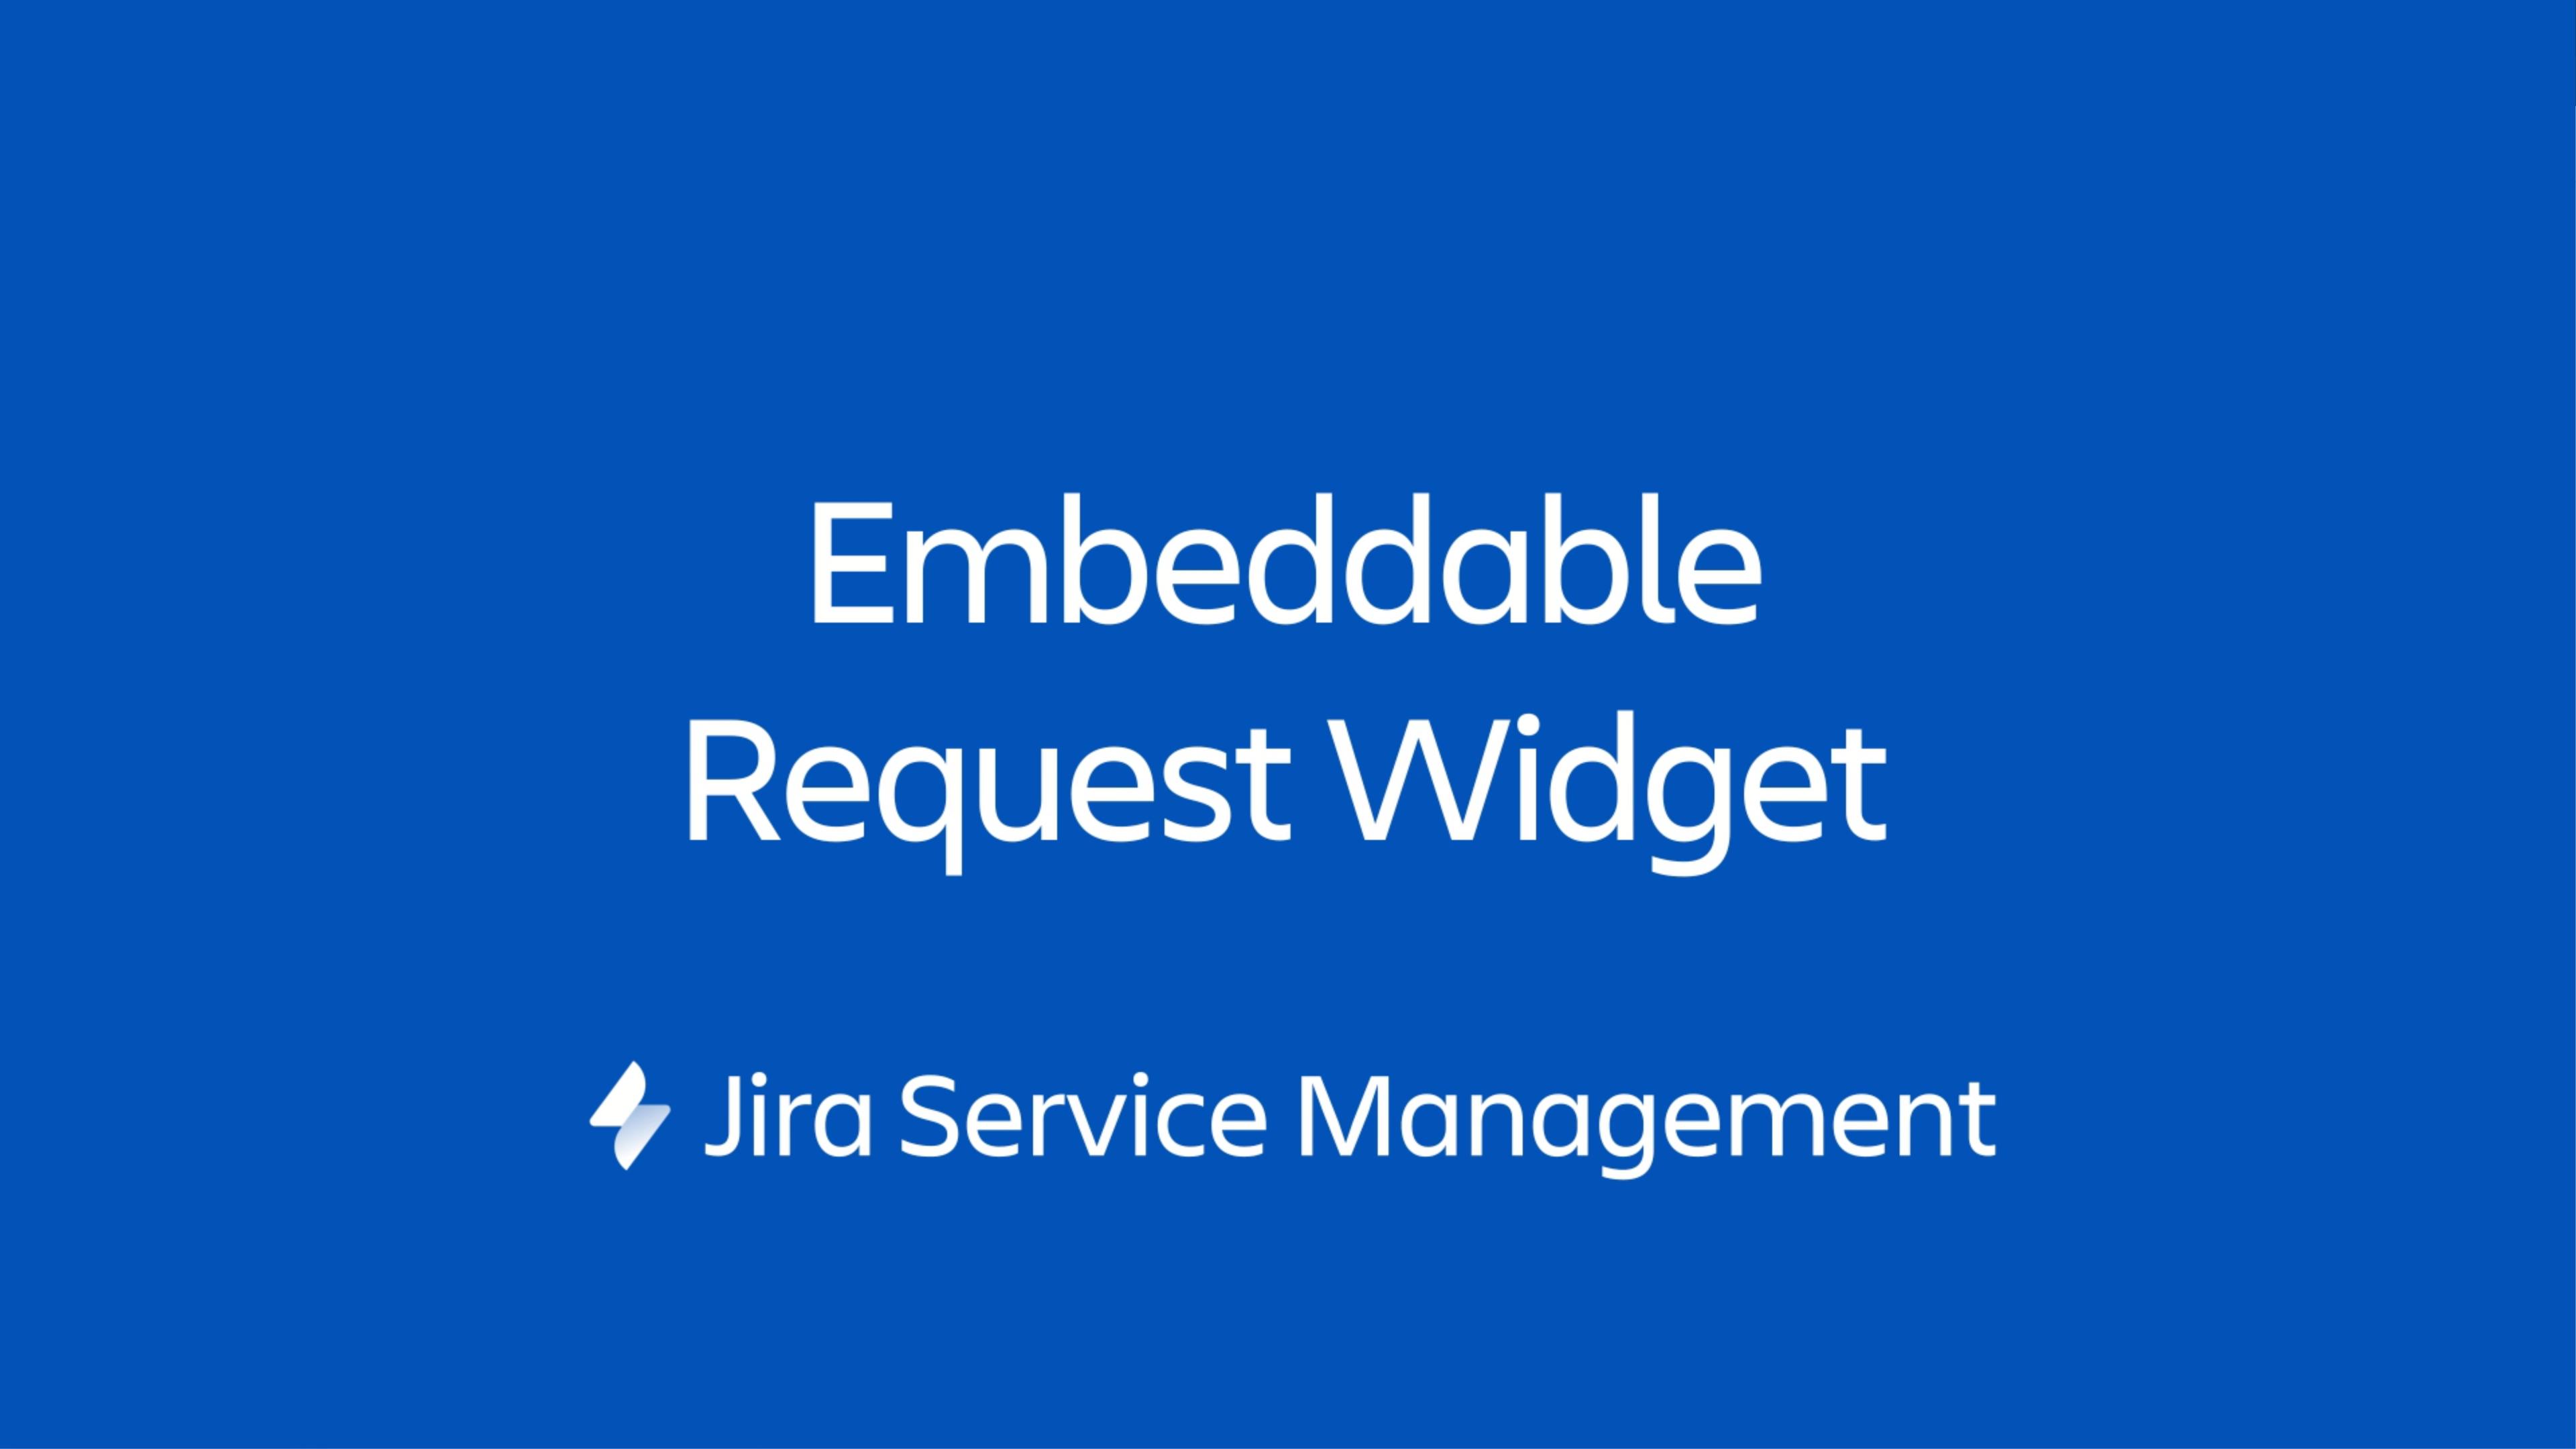 A Jira Service Management vezérlő egy mini portál, amelyet bármelyik weboldalra beágyazhatsz, amit te kezelsz.